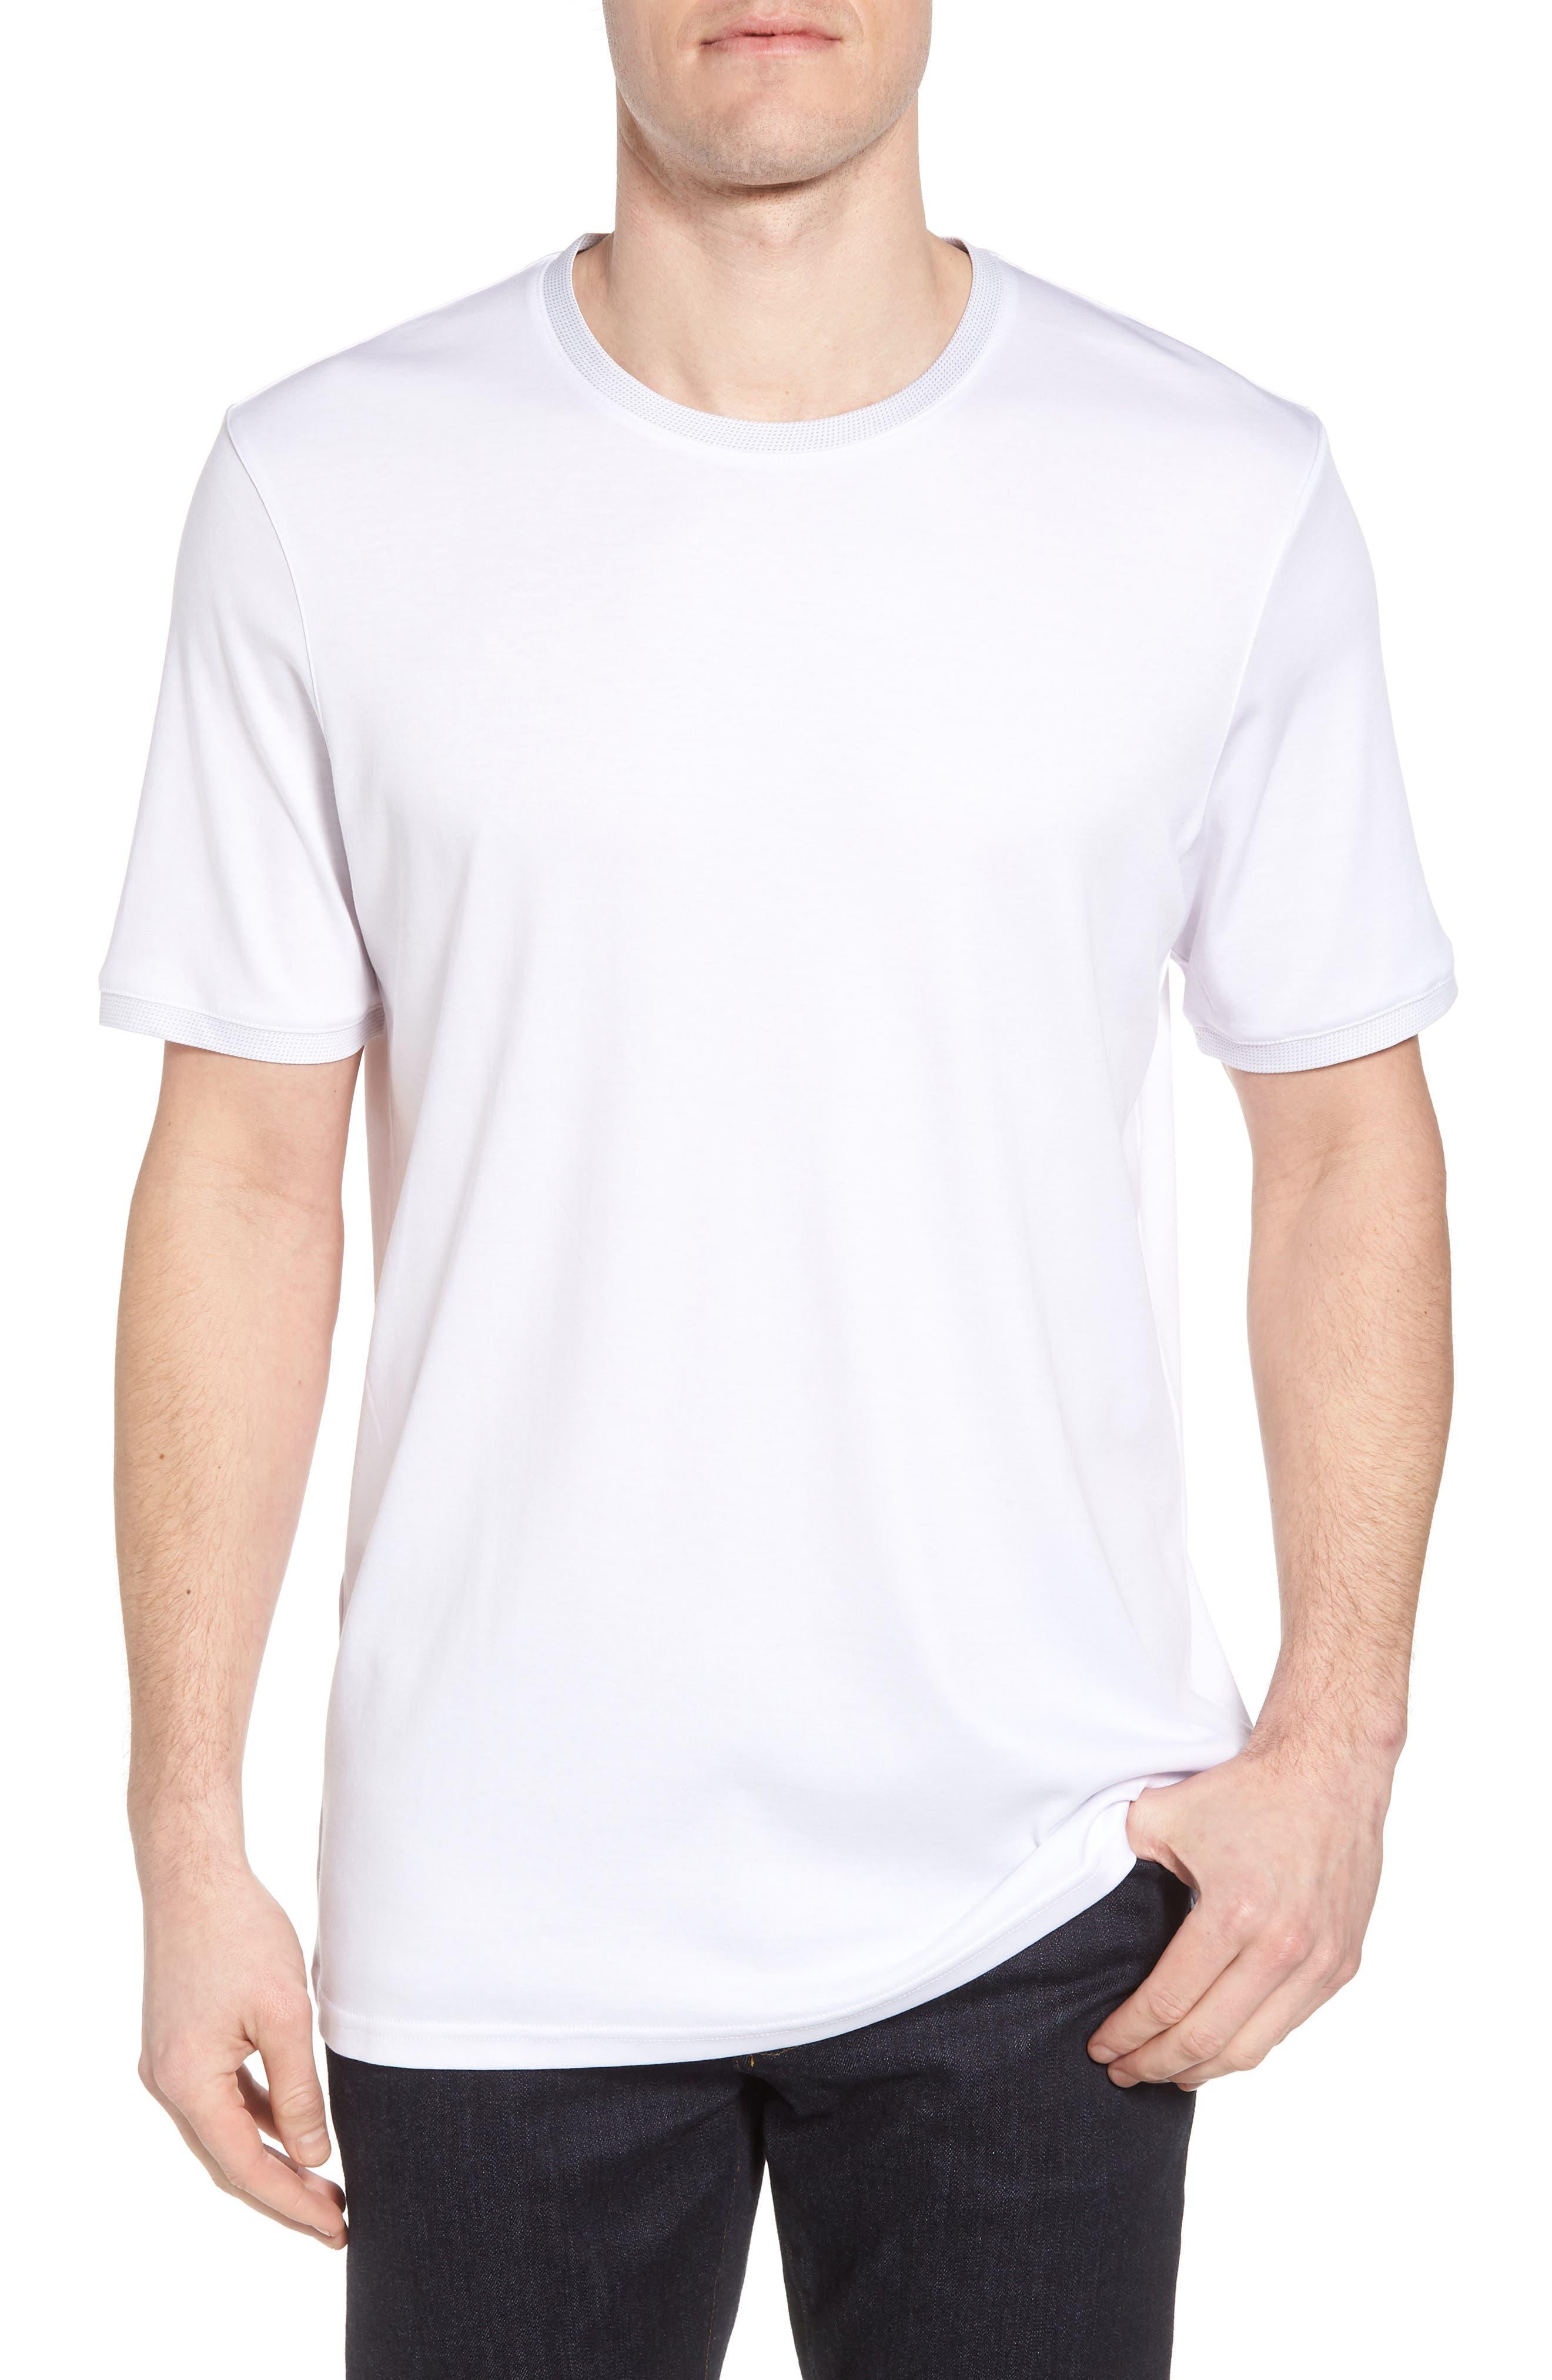 Piktt Crewneck T-Shirt,                         Main,                         color,